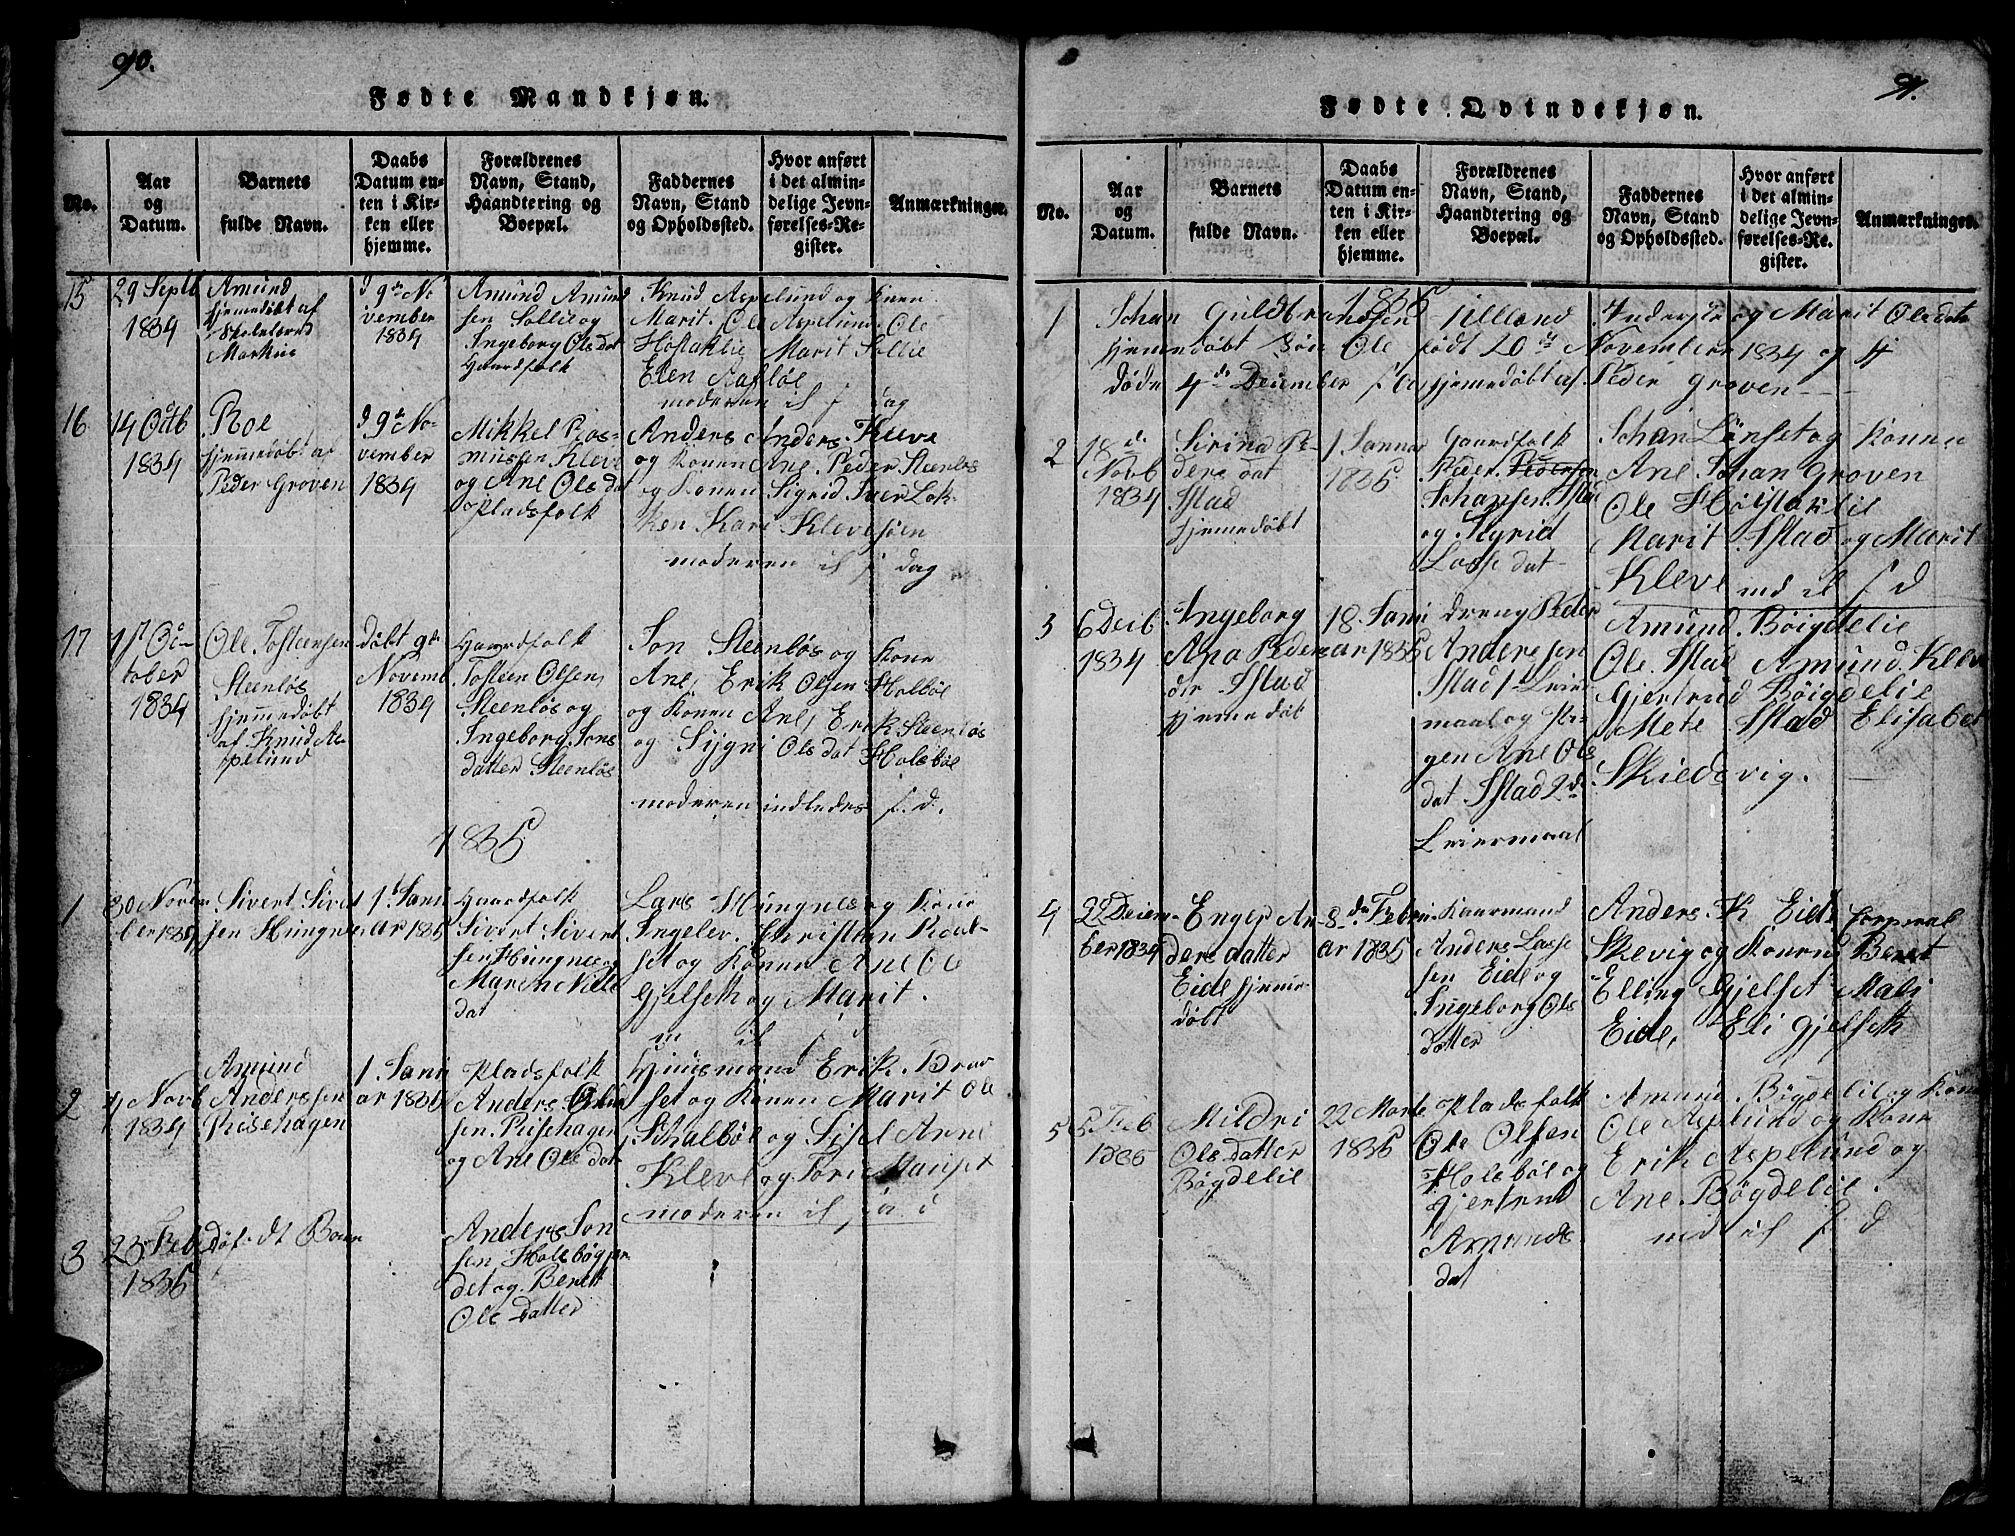 SAT, Ministerialprotokoller, klokkerbøker og fødselsregistre - Møre og Romsdal, 557/L0683: Klokkerbok nr. 557C01, 1818-1862, s. 90-91